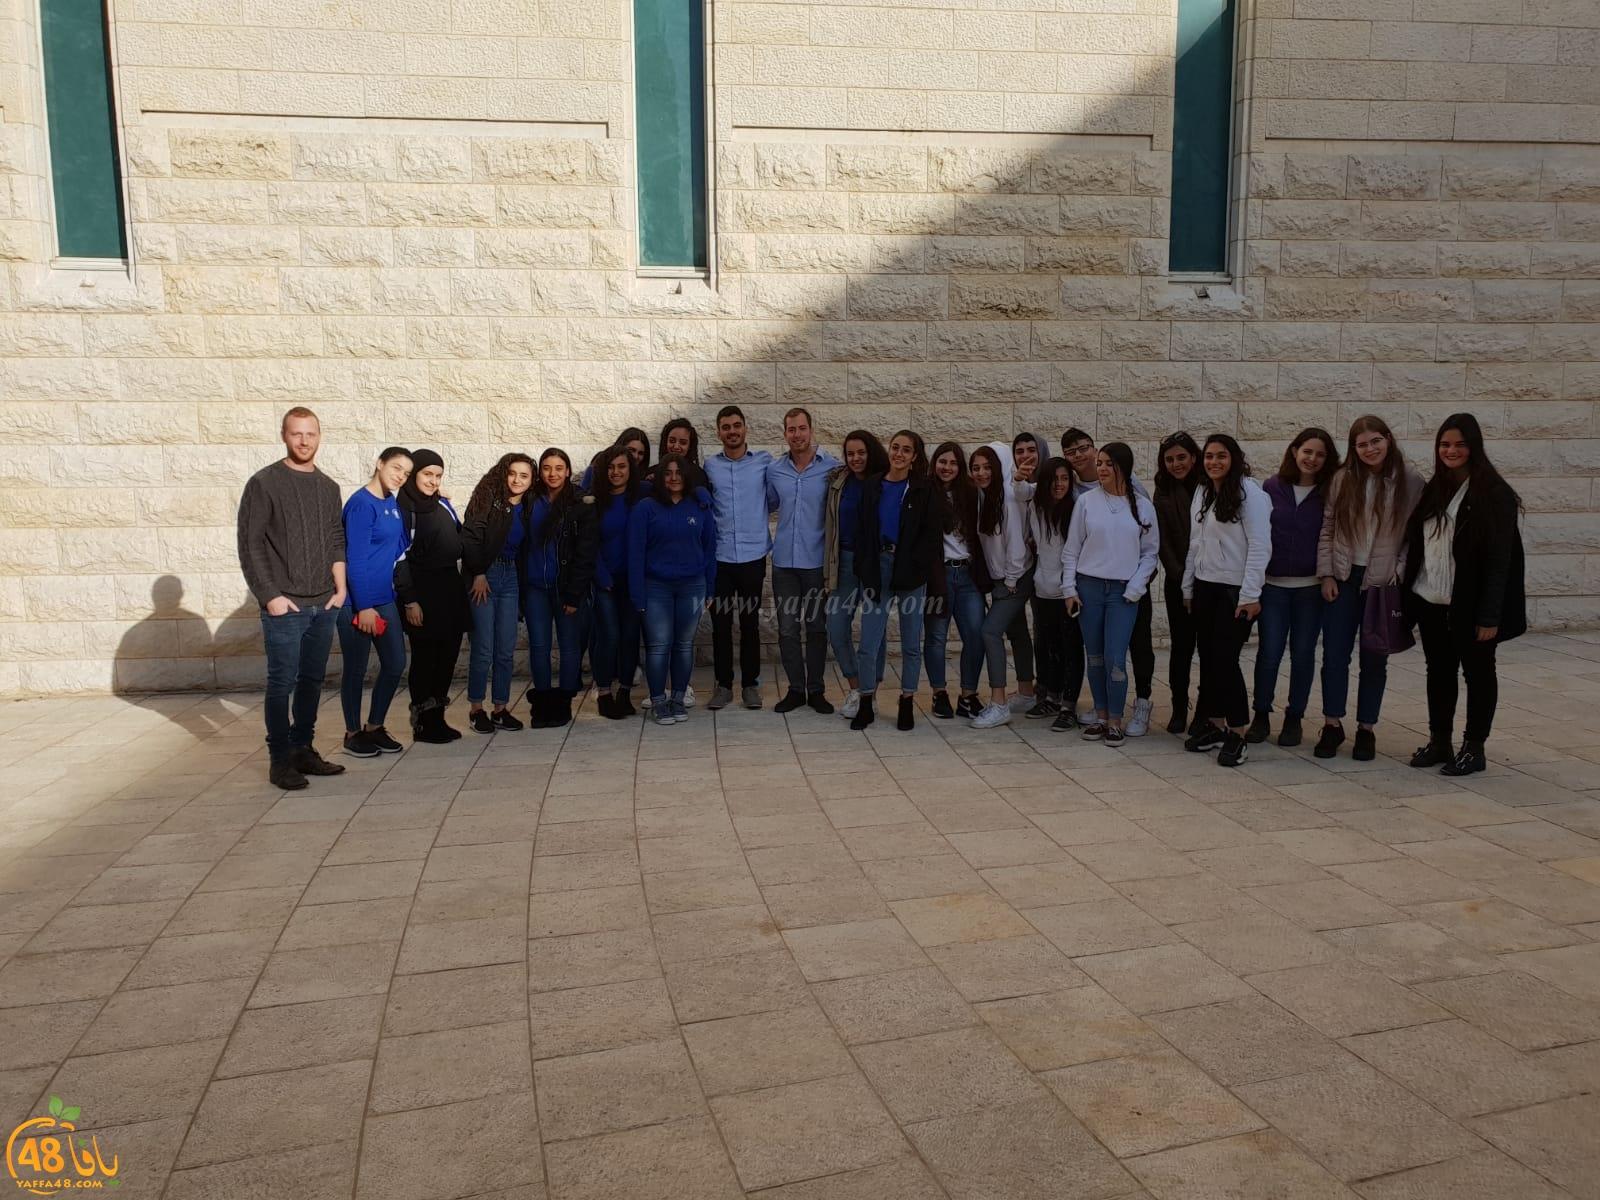 طلاب الصف العاشر من مدرسة أجيال الثانوية بزيارة للمحكمة العليا في القدس